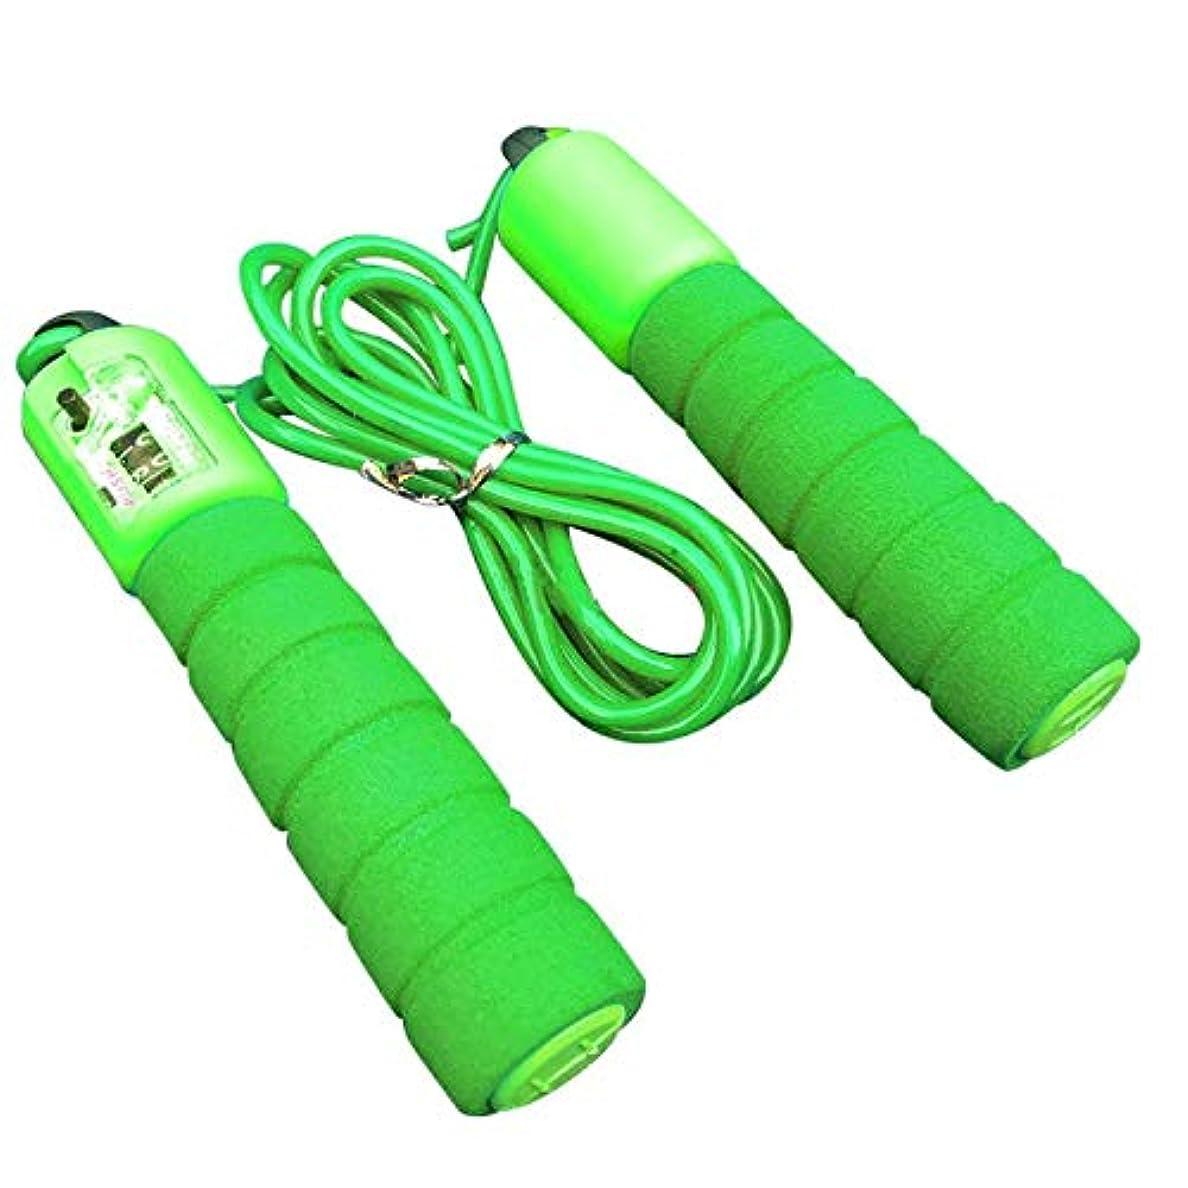 打ち負かすキロメートル設置調節可能なプロフェッショナルカウント縄跳び自動カウントジャンプロープフィットネス運動高速カウントジャンプロープ - グリーン